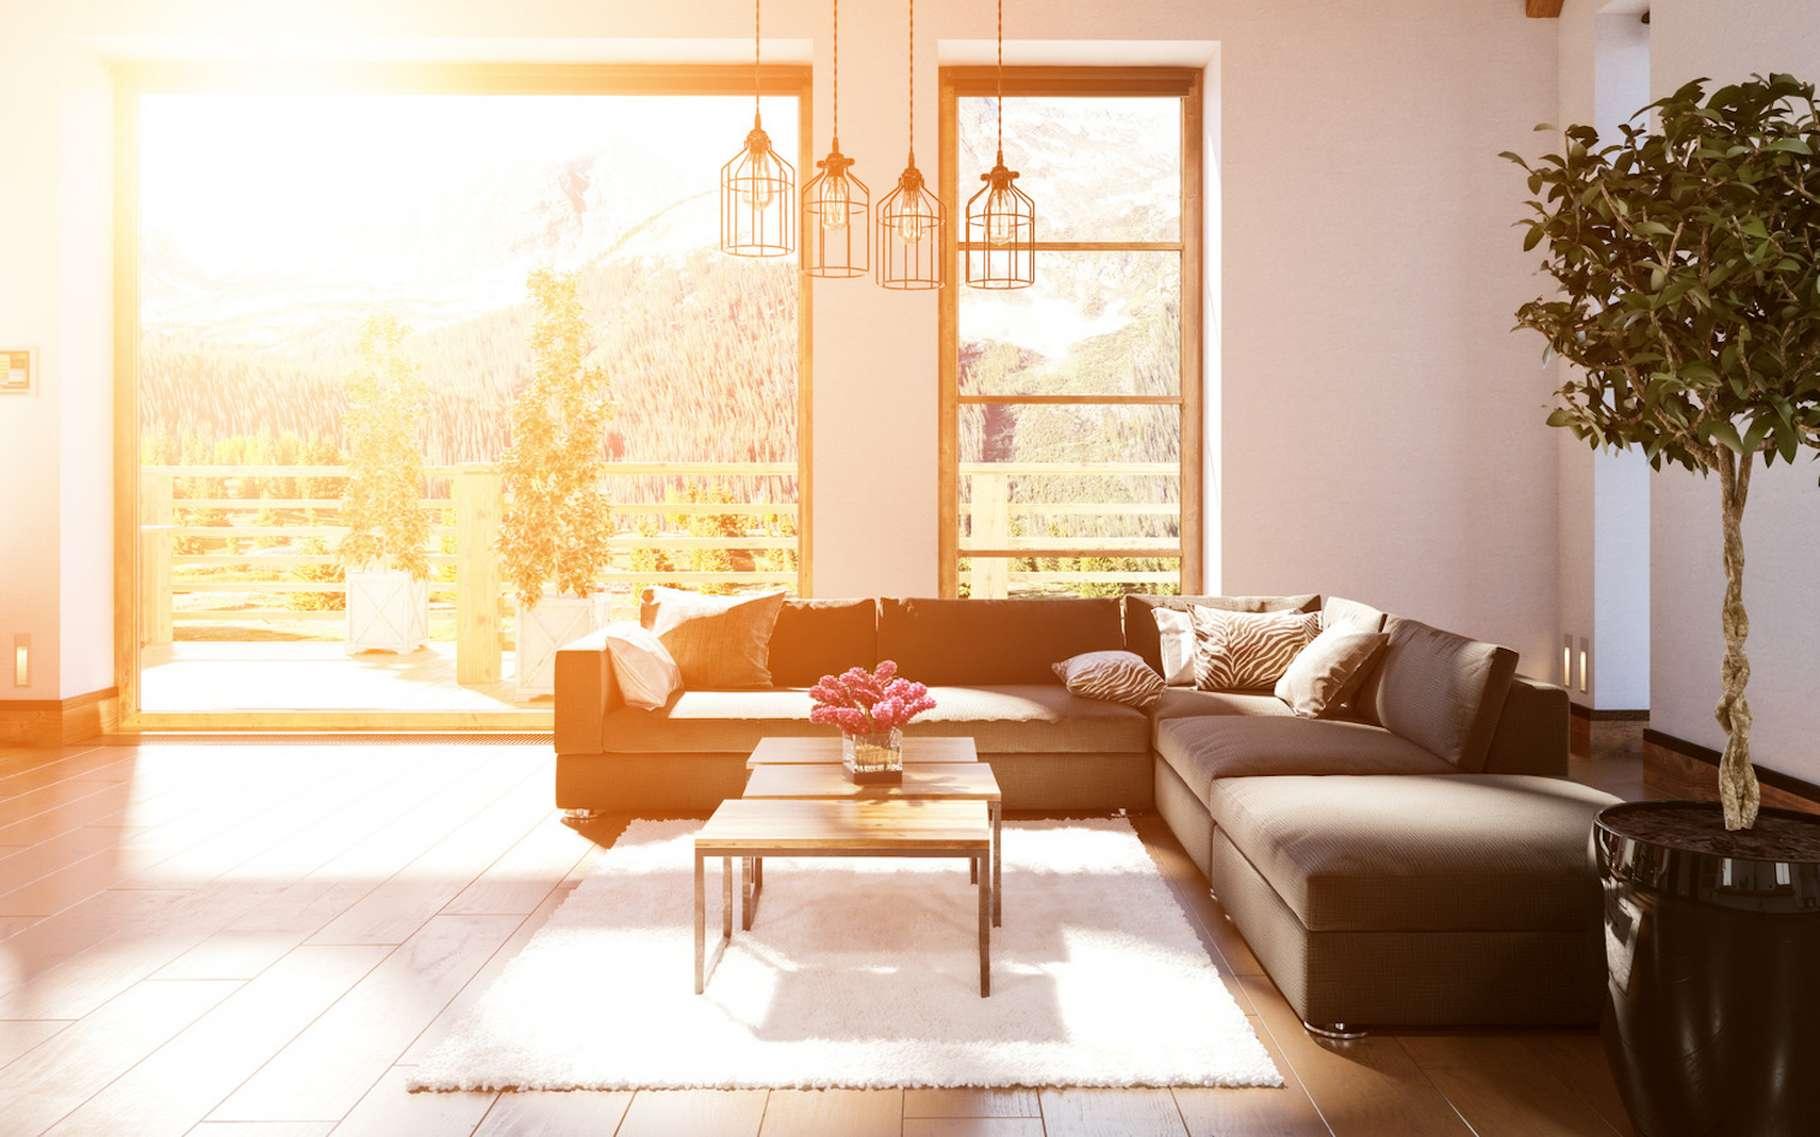 La quantité de lumière naturelle qui entre dans une pièce influence notre perception de la température qui y règne et notre tolérance à la chaleur et au froid. © XtravaganT, Fotolia